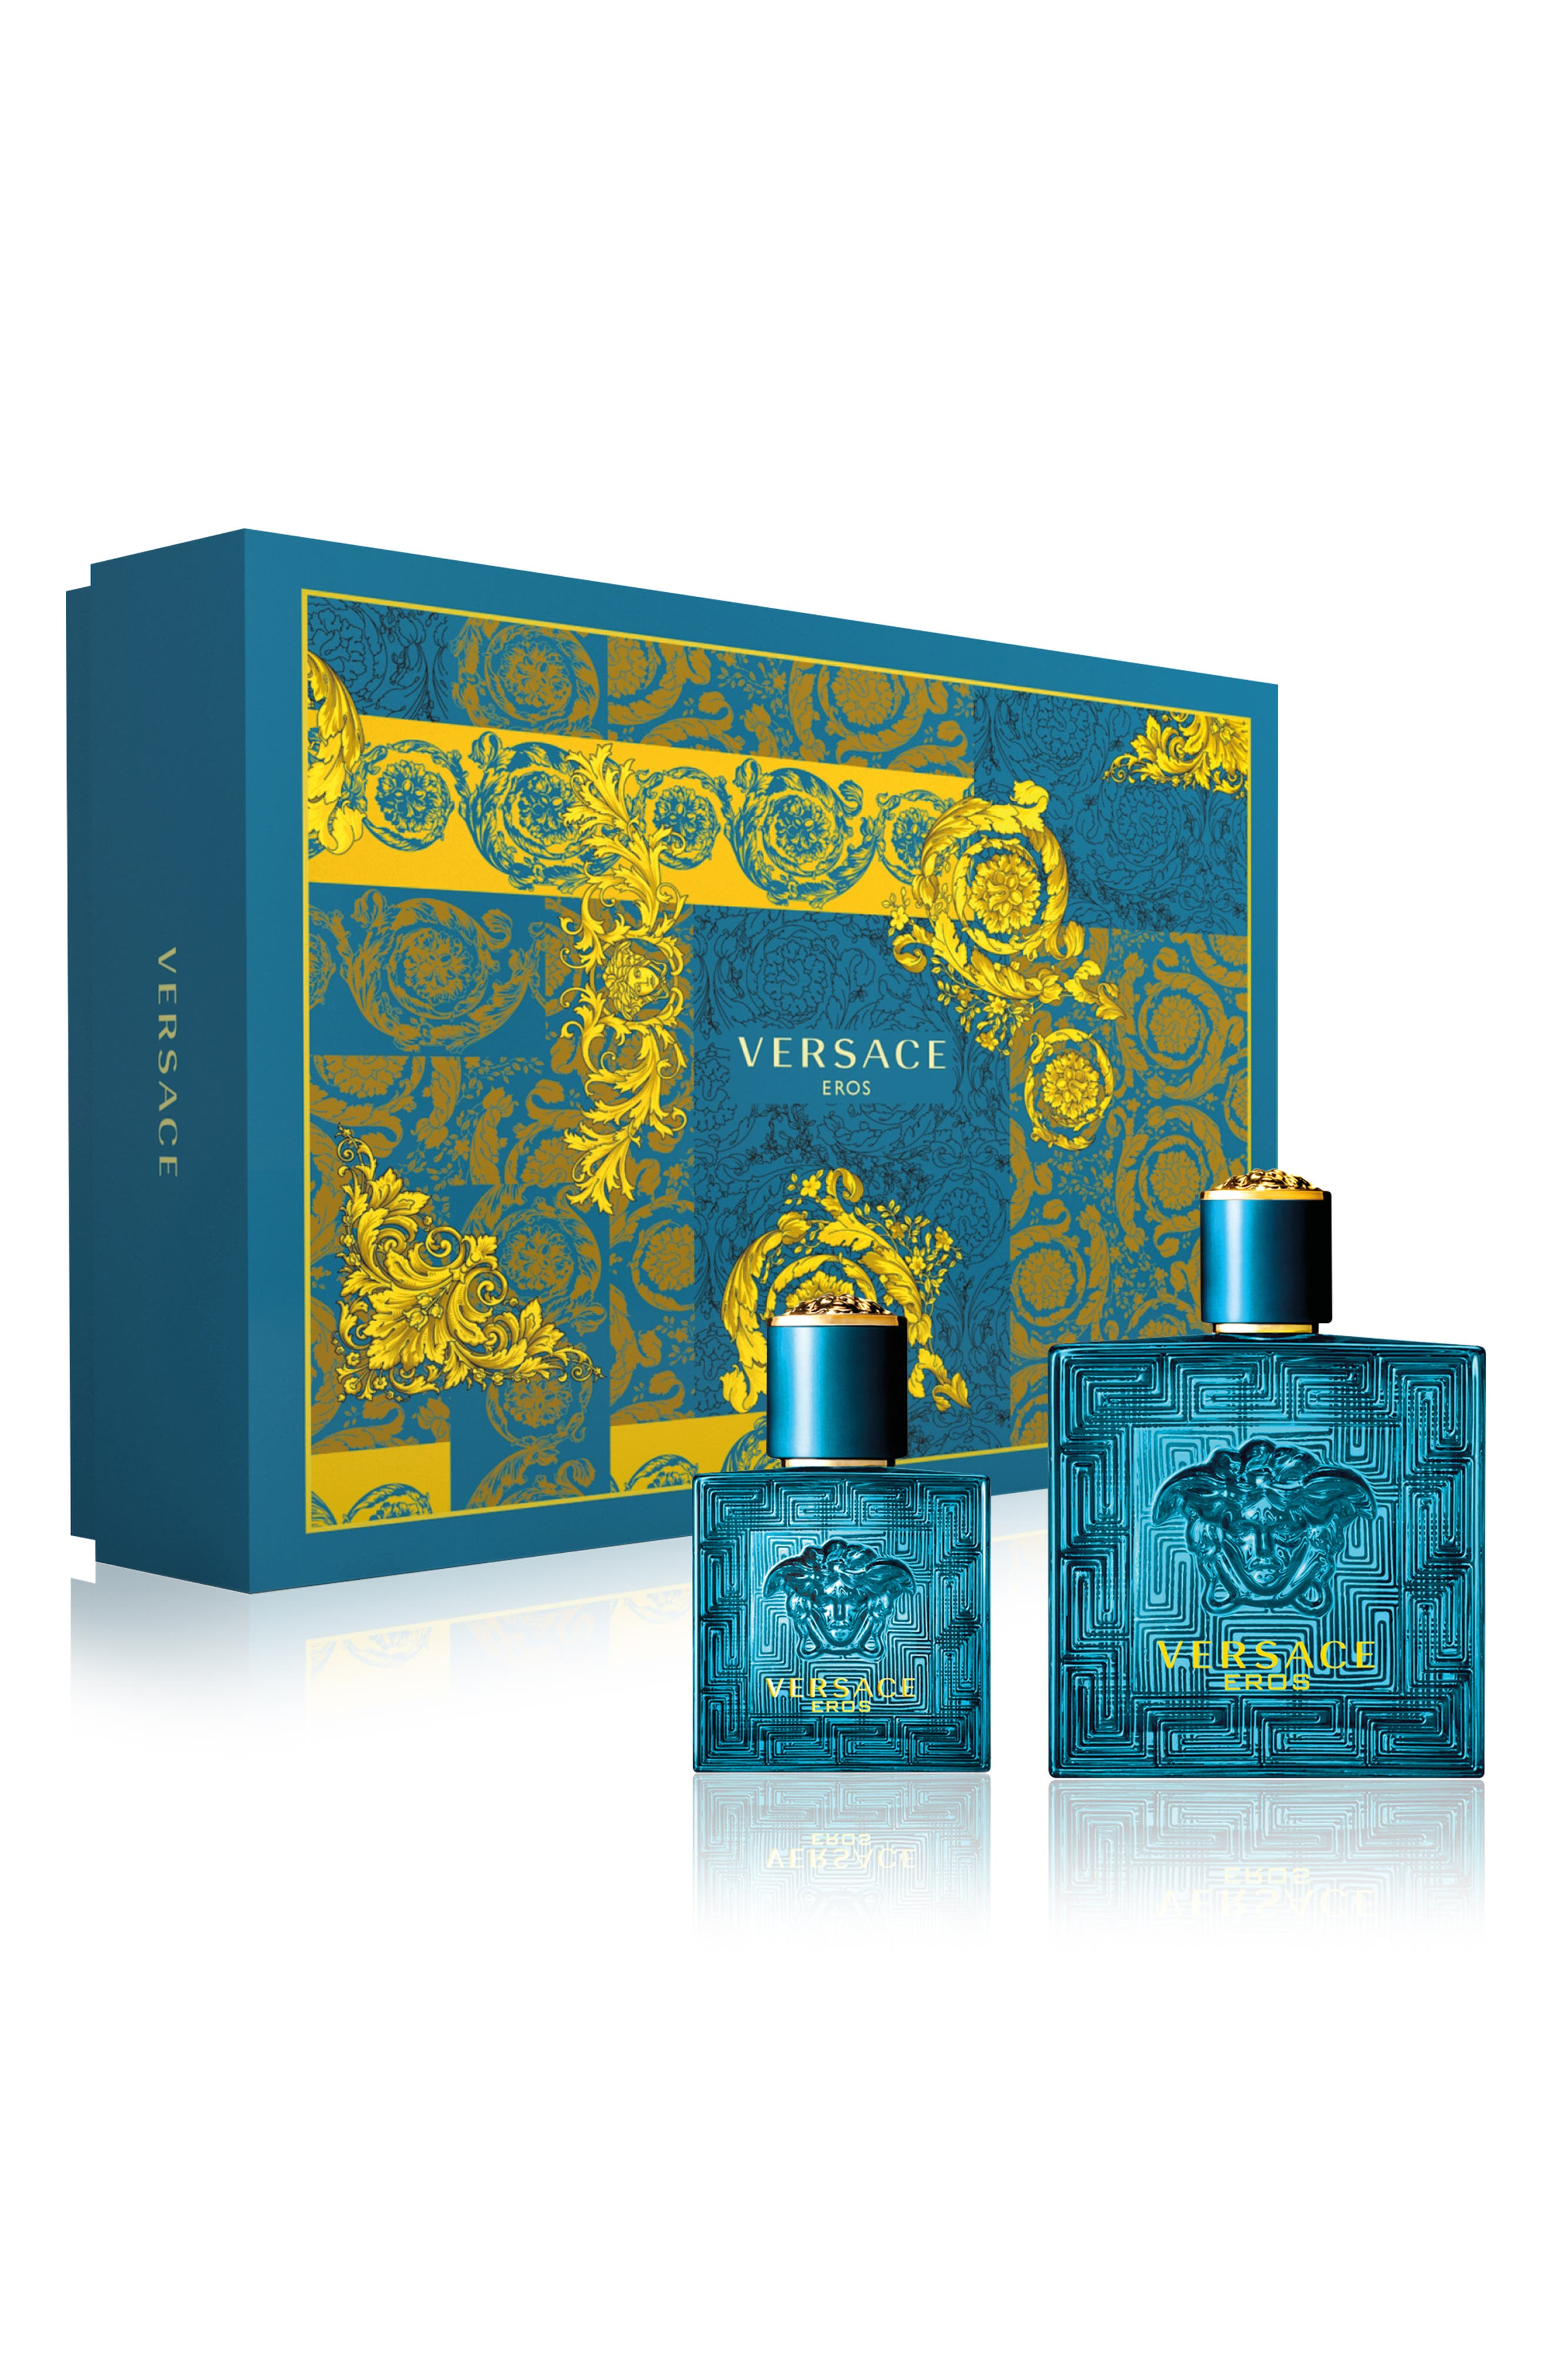 Versace Eros Eau De Toilette Set ($144 Value)